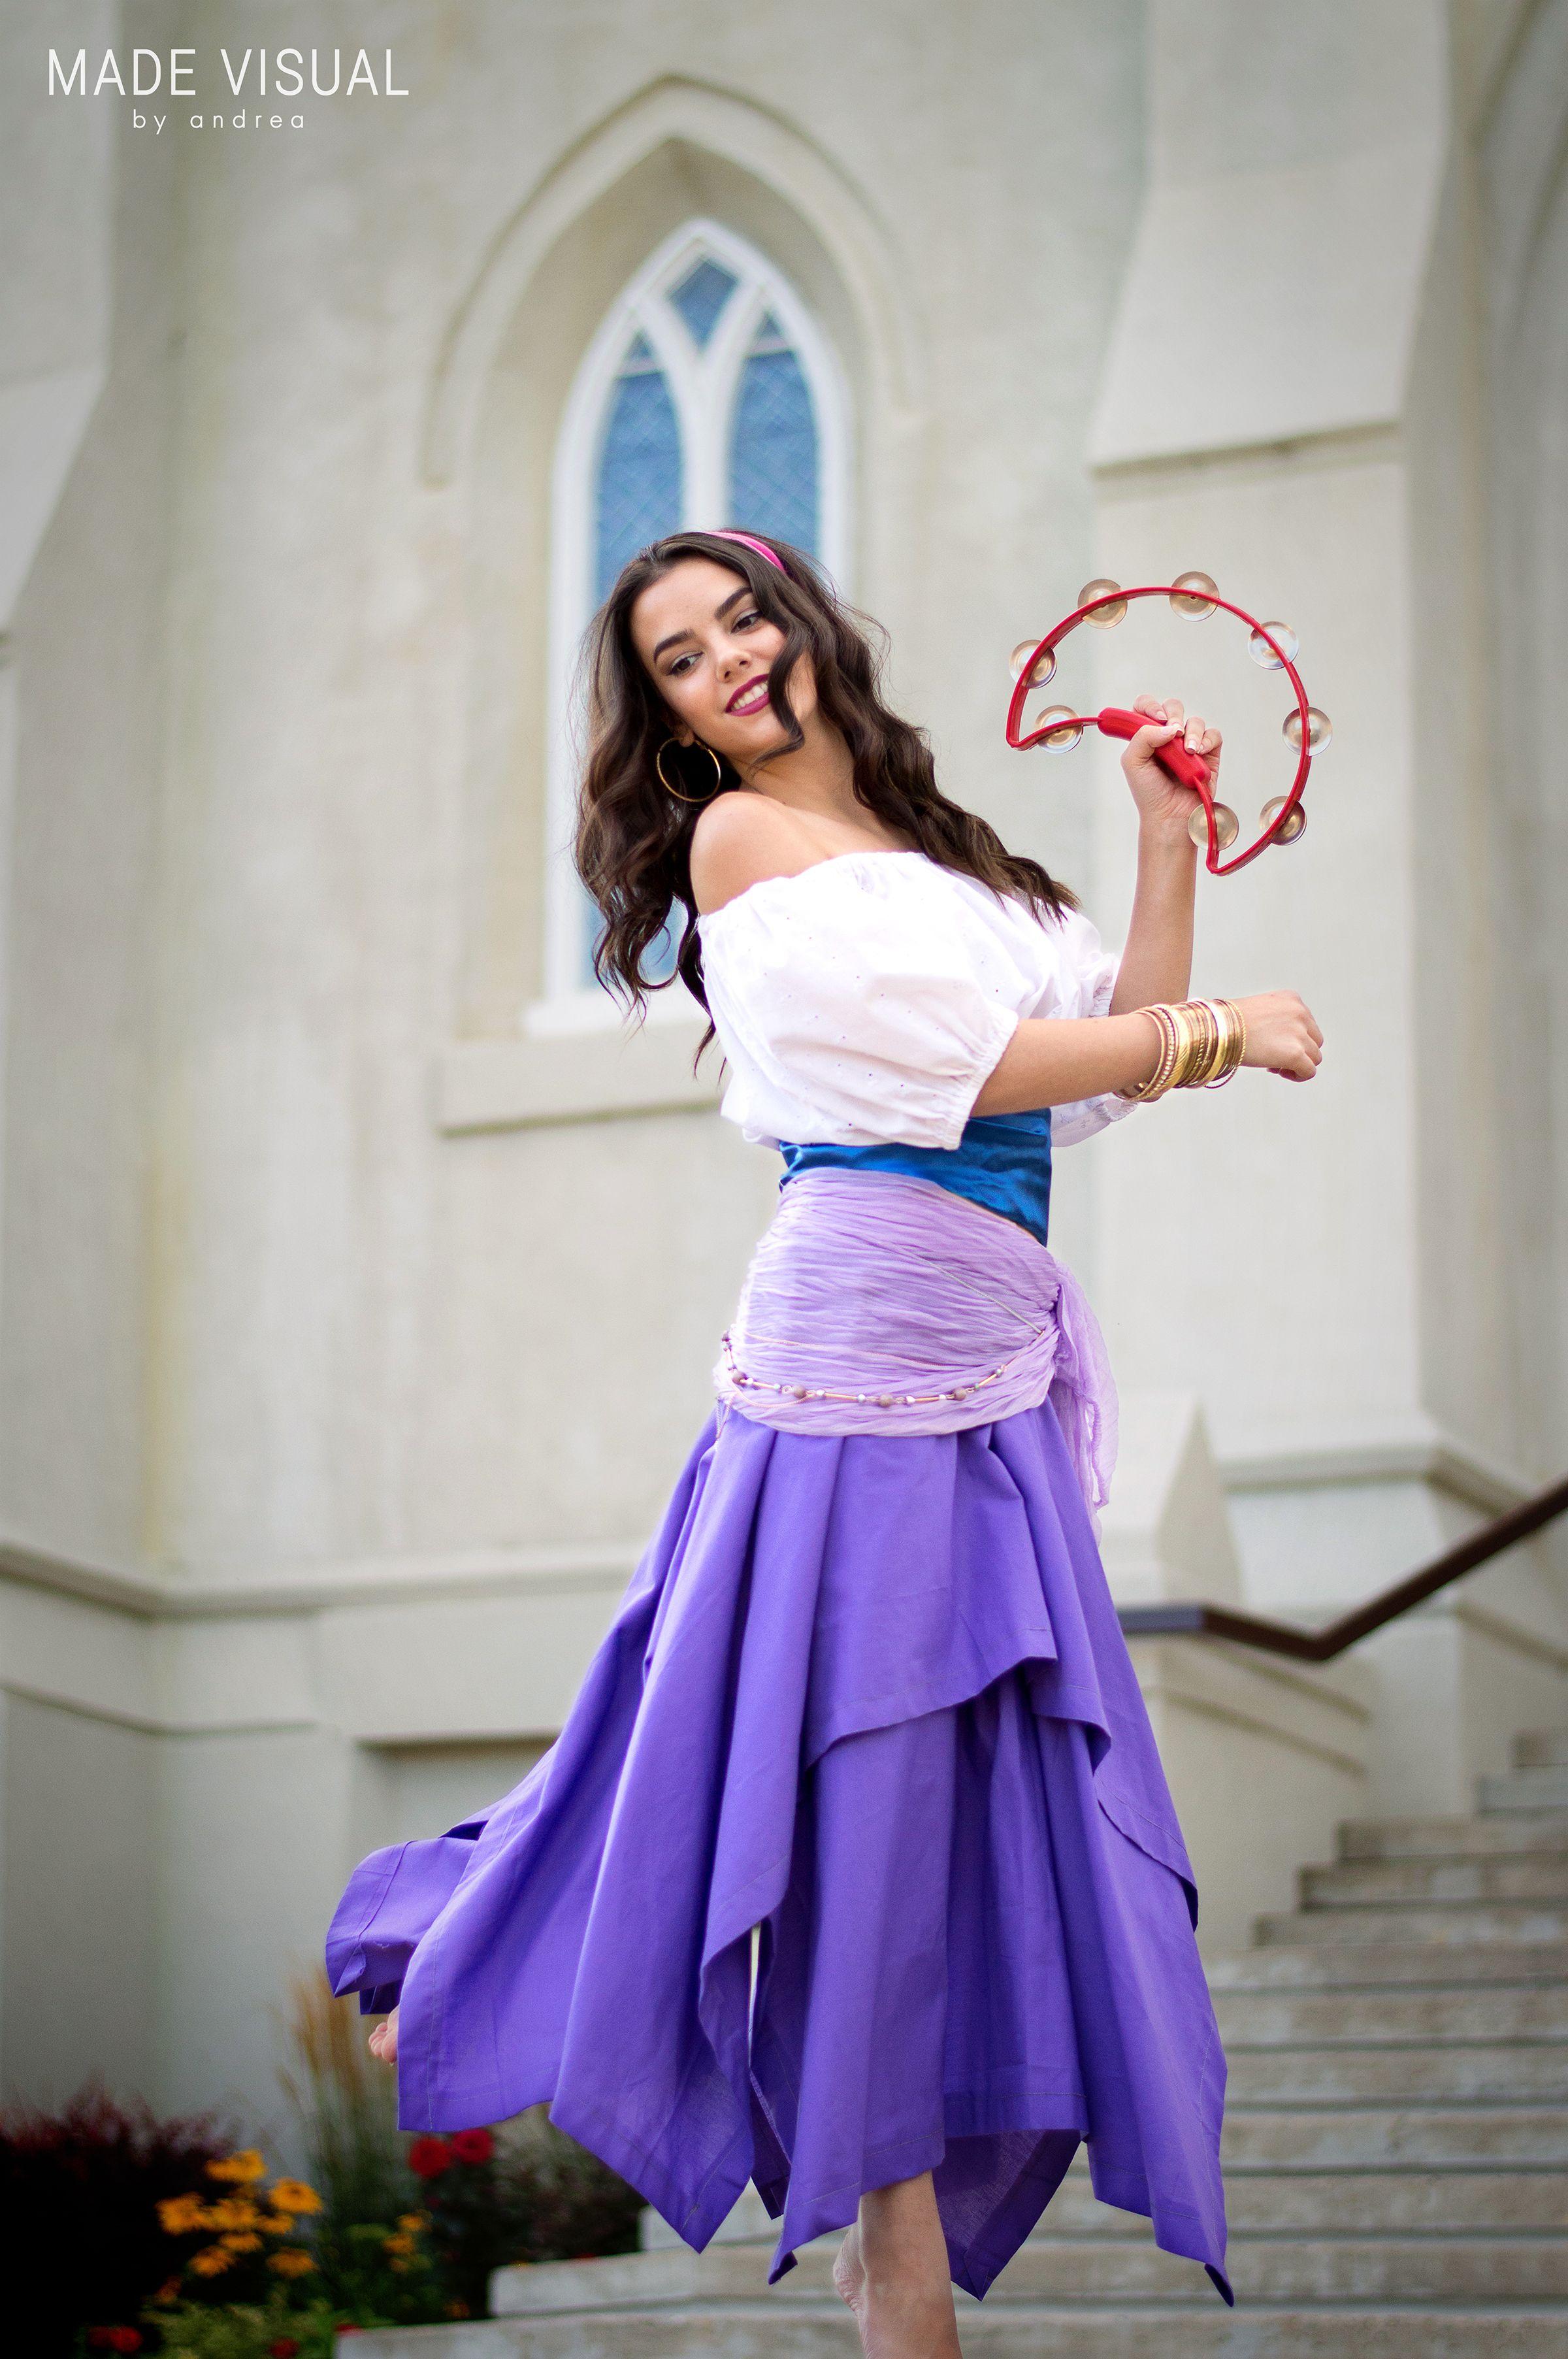 Perfecto Traje Típico Baile De Graduación Bosquejo - Colección del ...